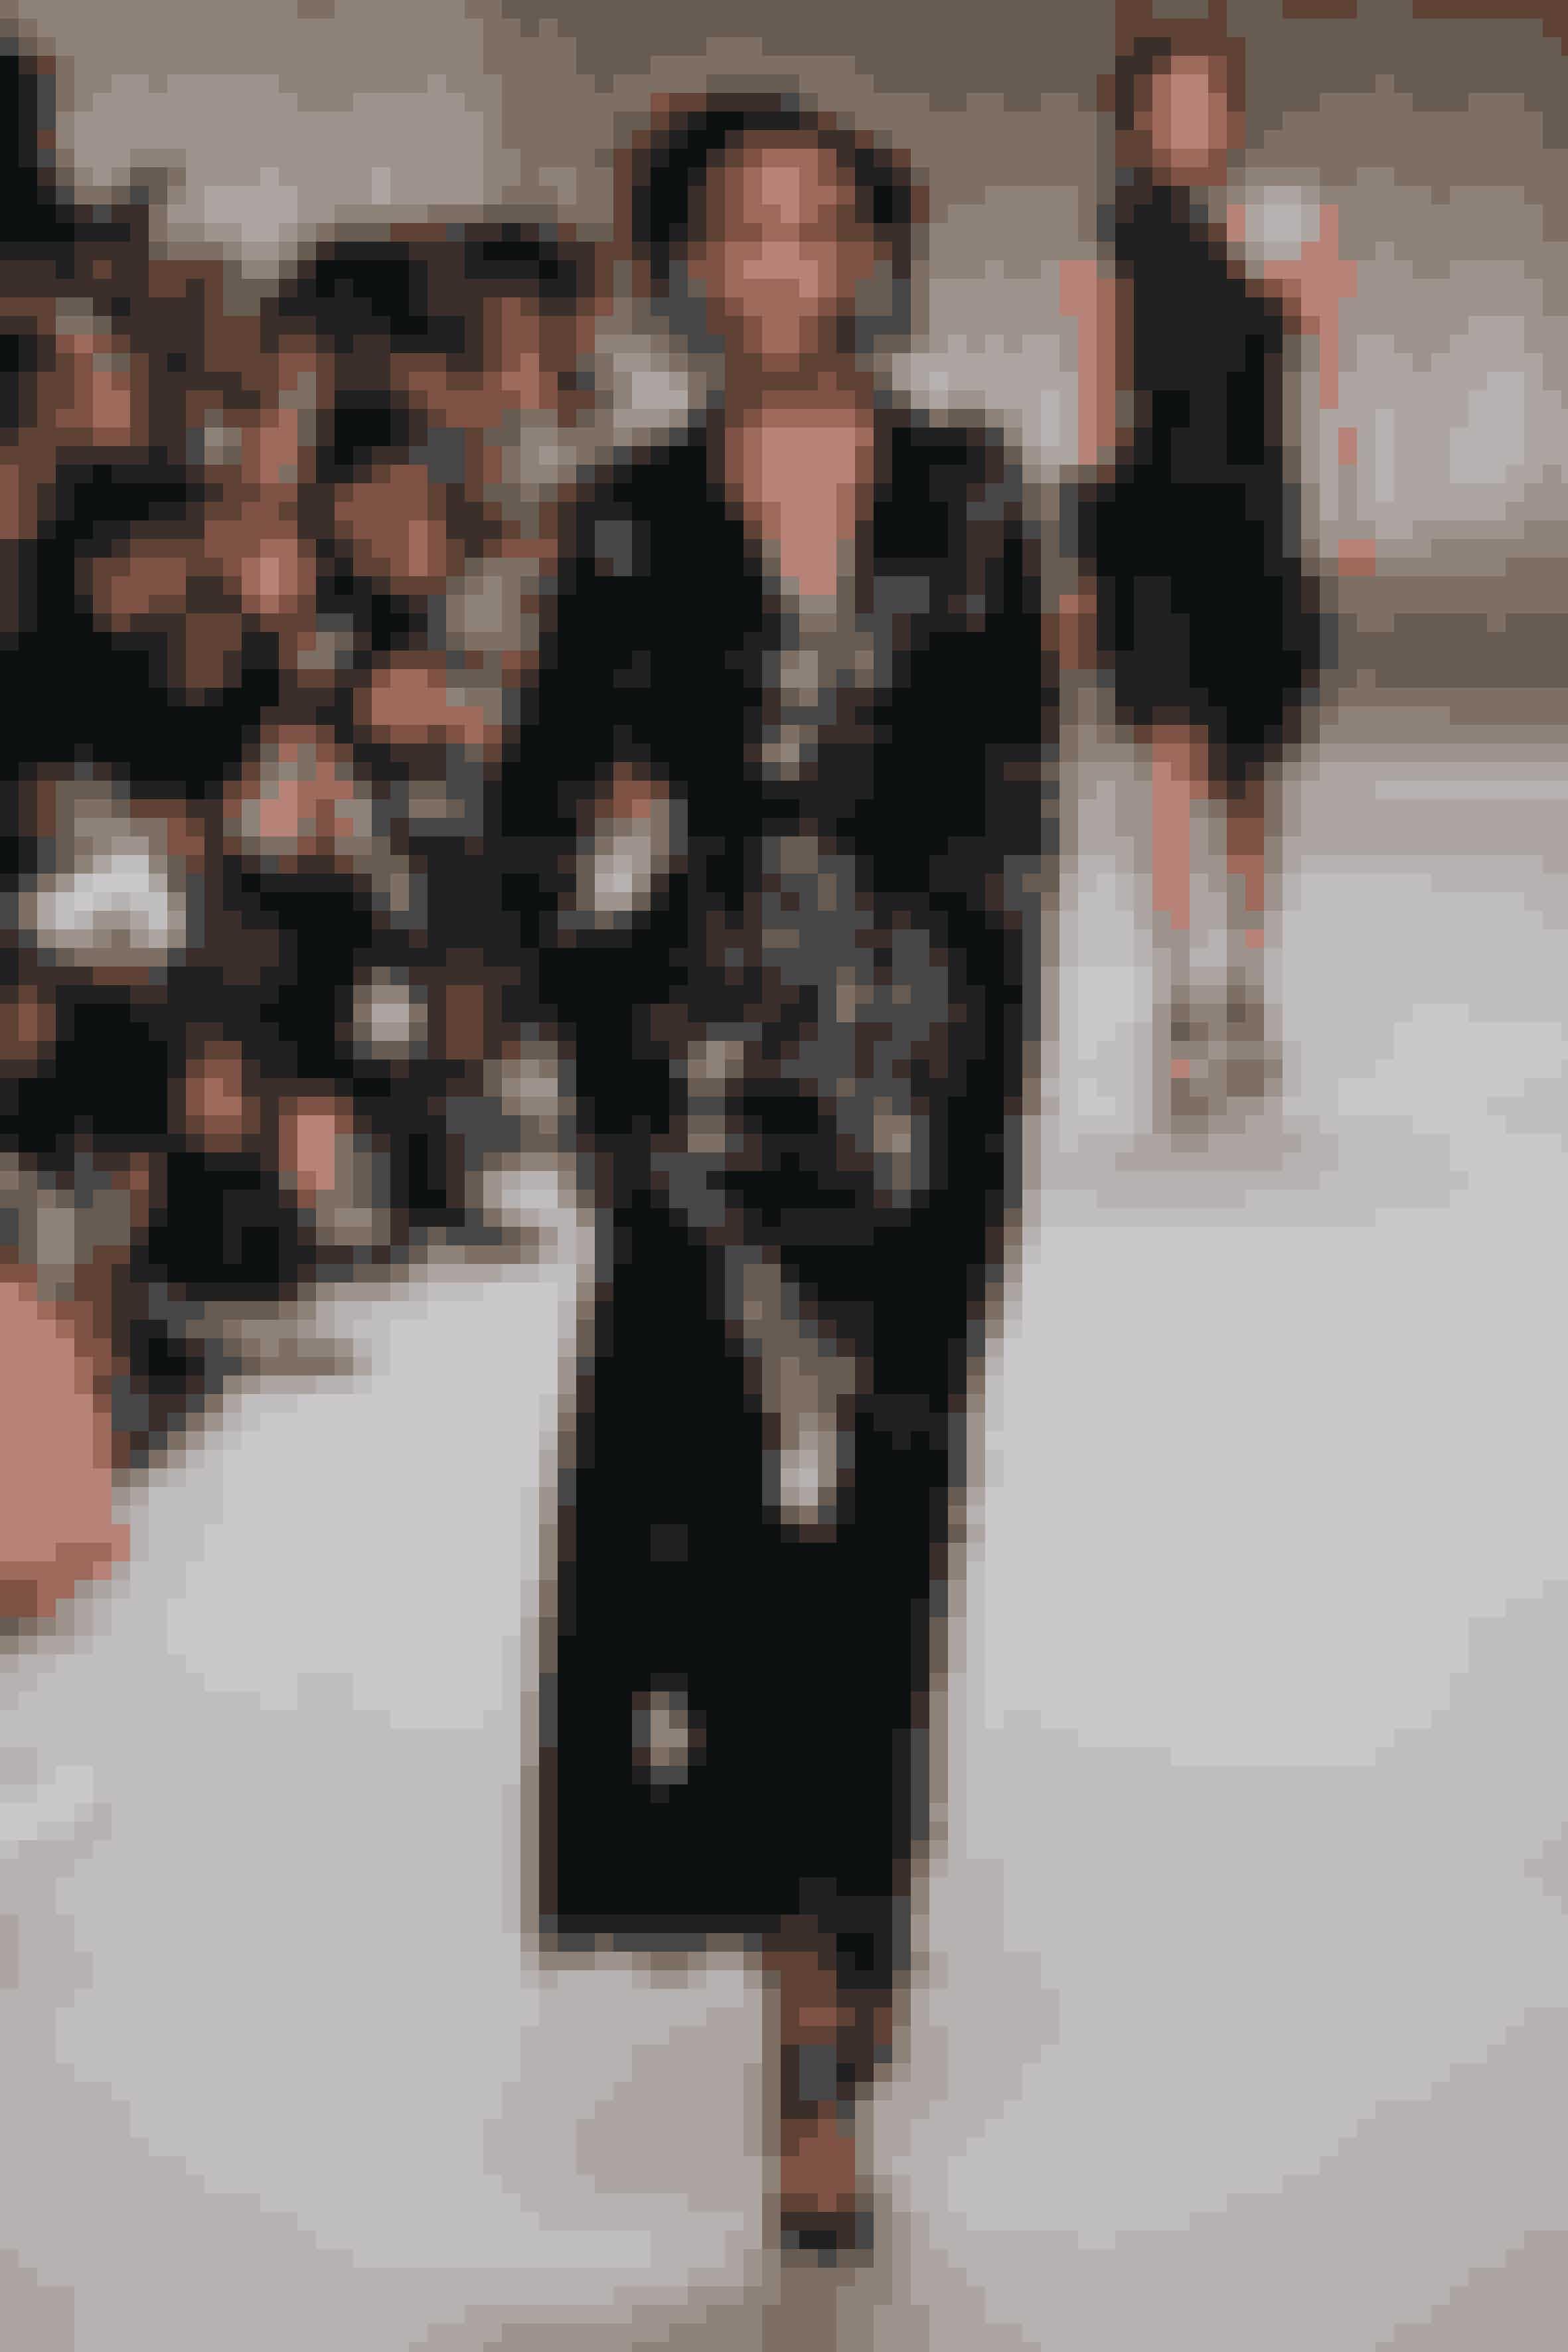 VINYLGLANSLak og skinnende læder var nøgleord for flere designere, da de viste deres efterårskollektion. Udtrykket minder om vinylpladerne fra fortiden, men trenden passer godt ind i nutidens glorificering af vinyltiden, fx med HBO-serien 'Vinyl' med danske Birgitte Hjort Sørensen på rollelisten.I det IN, der er på gaden lige nu, kan du få tips til, hvad du skal købe fra vinyltrenden, og hvordan du skal bruge den i din stil.Lanvin AW16.